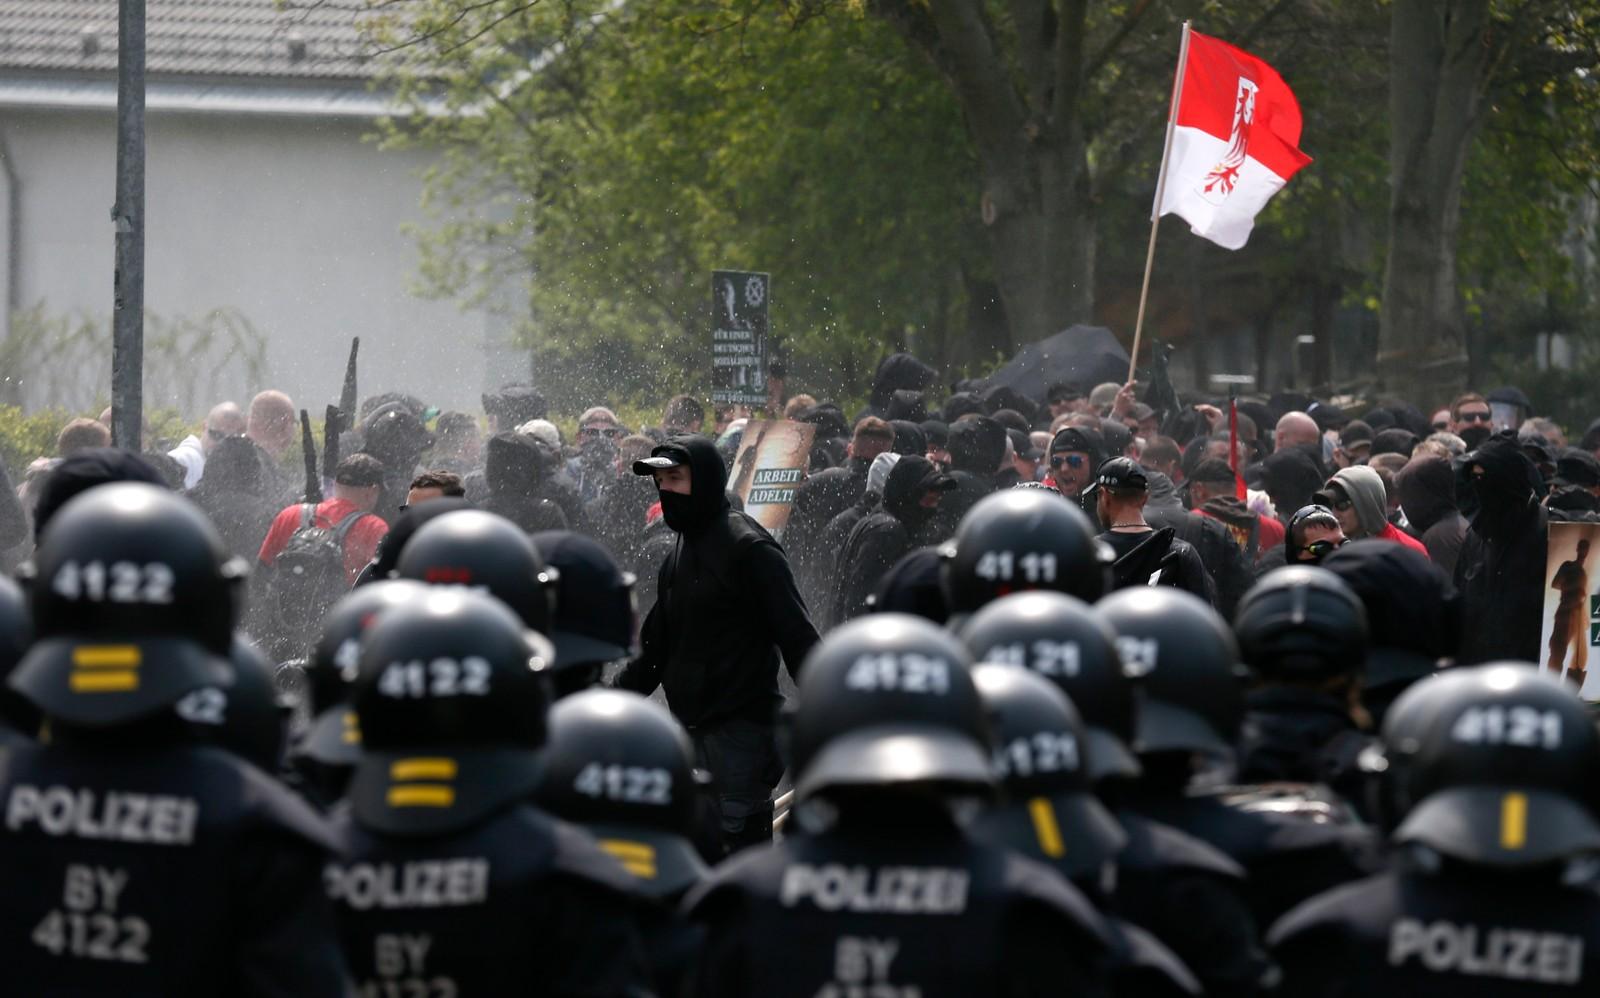 Høyreekstreme demonstranter blir forsøkt roet ned av tysk politi under 1. mai-markeringen i byen Plauen i Tyskland.